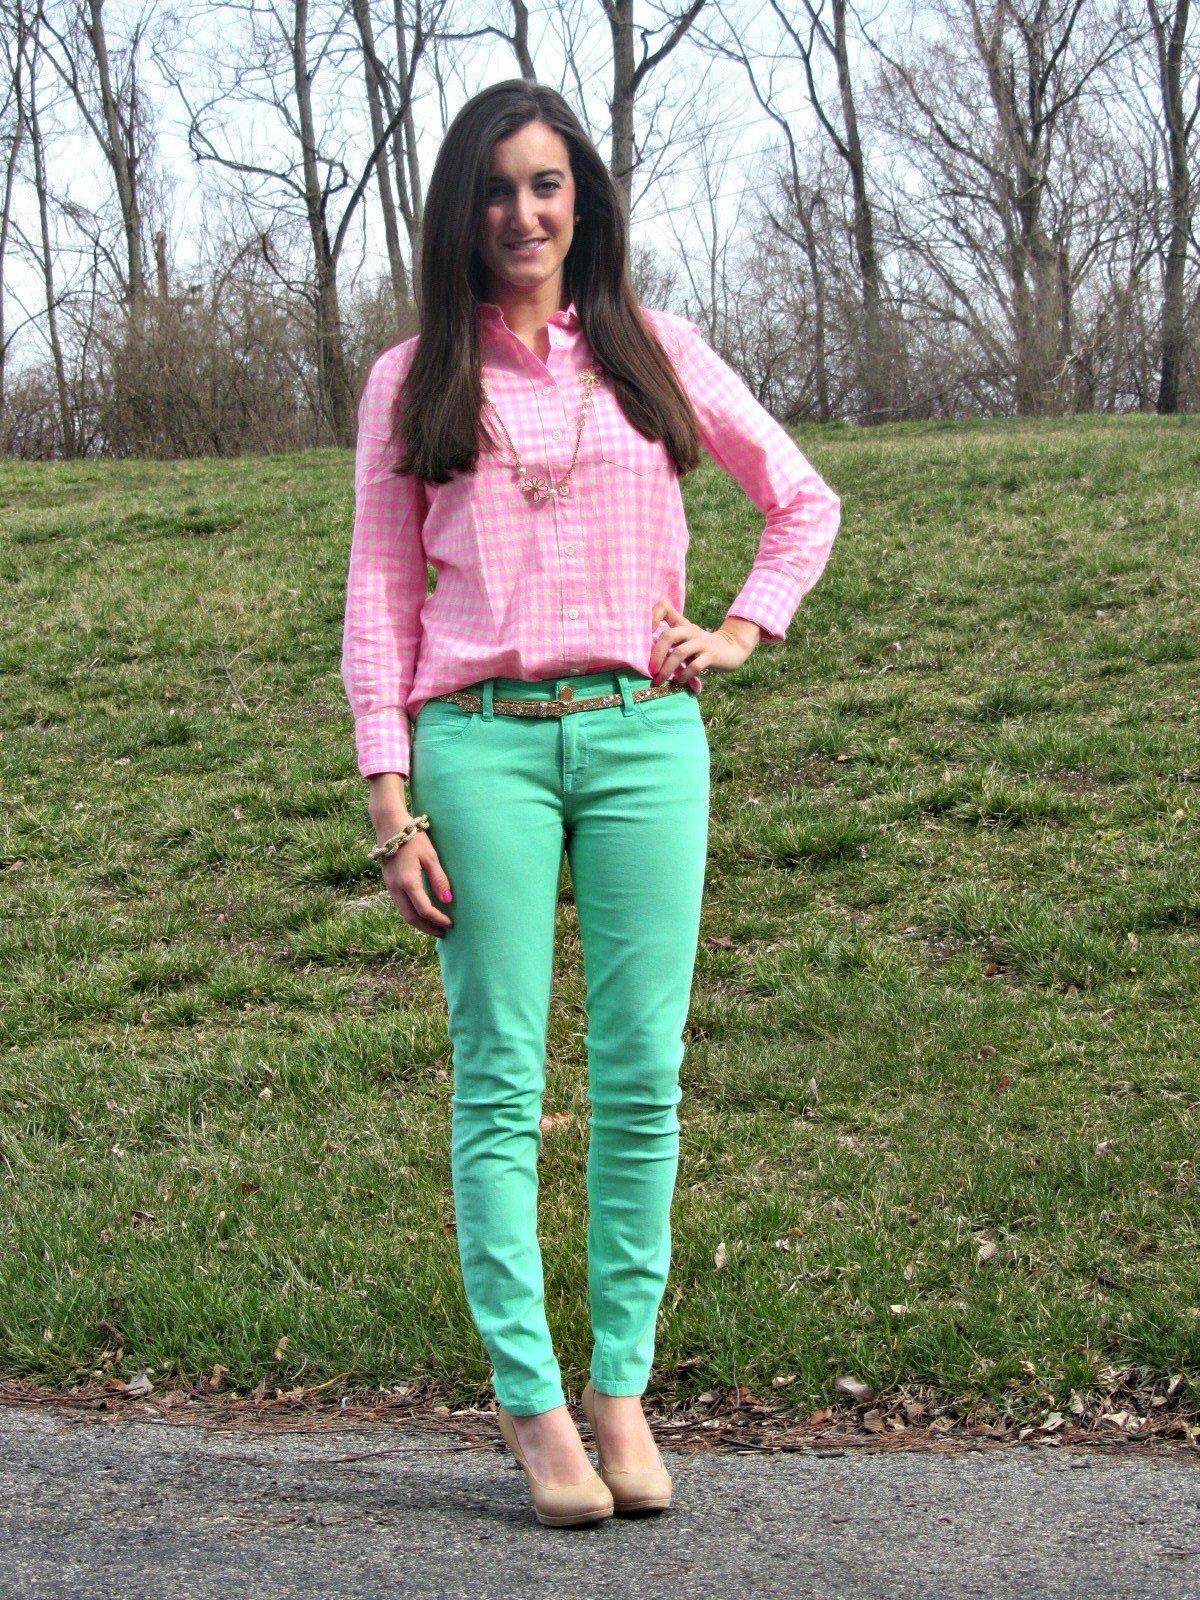 модные образы весна 2019: зеленые джинсы и розовая блуза в клетку